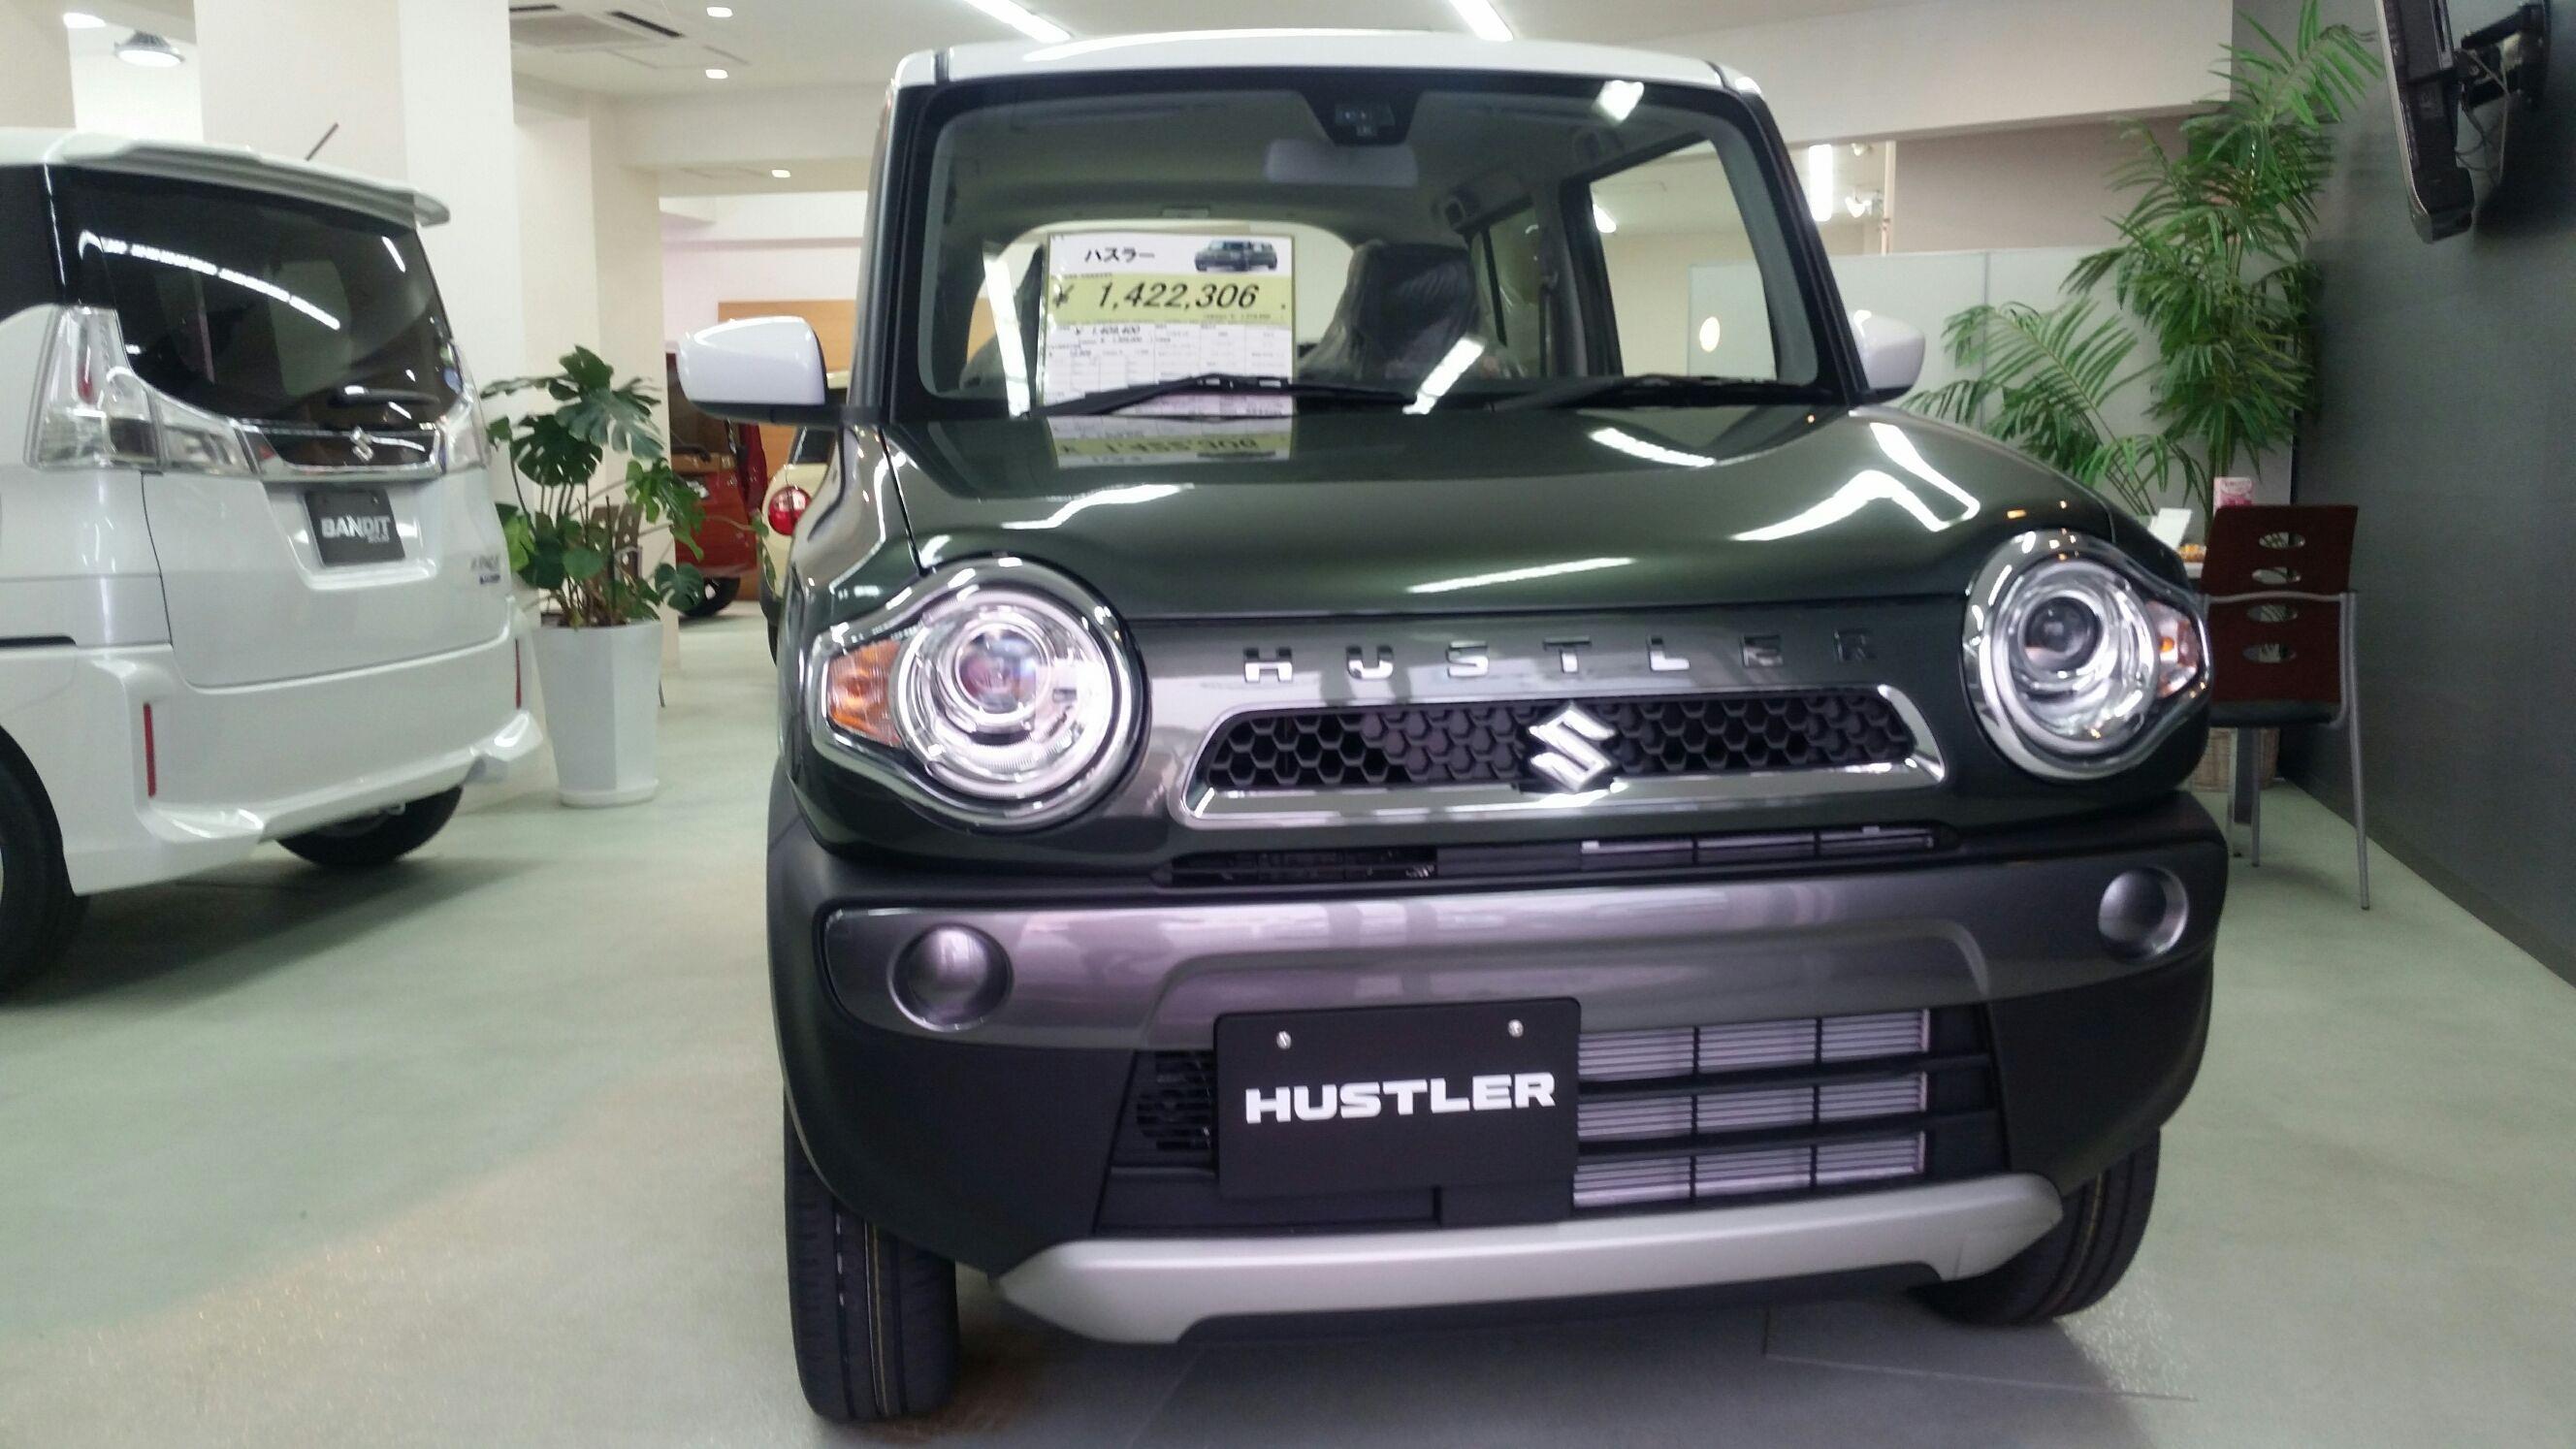 ハスラーFrimi展示車